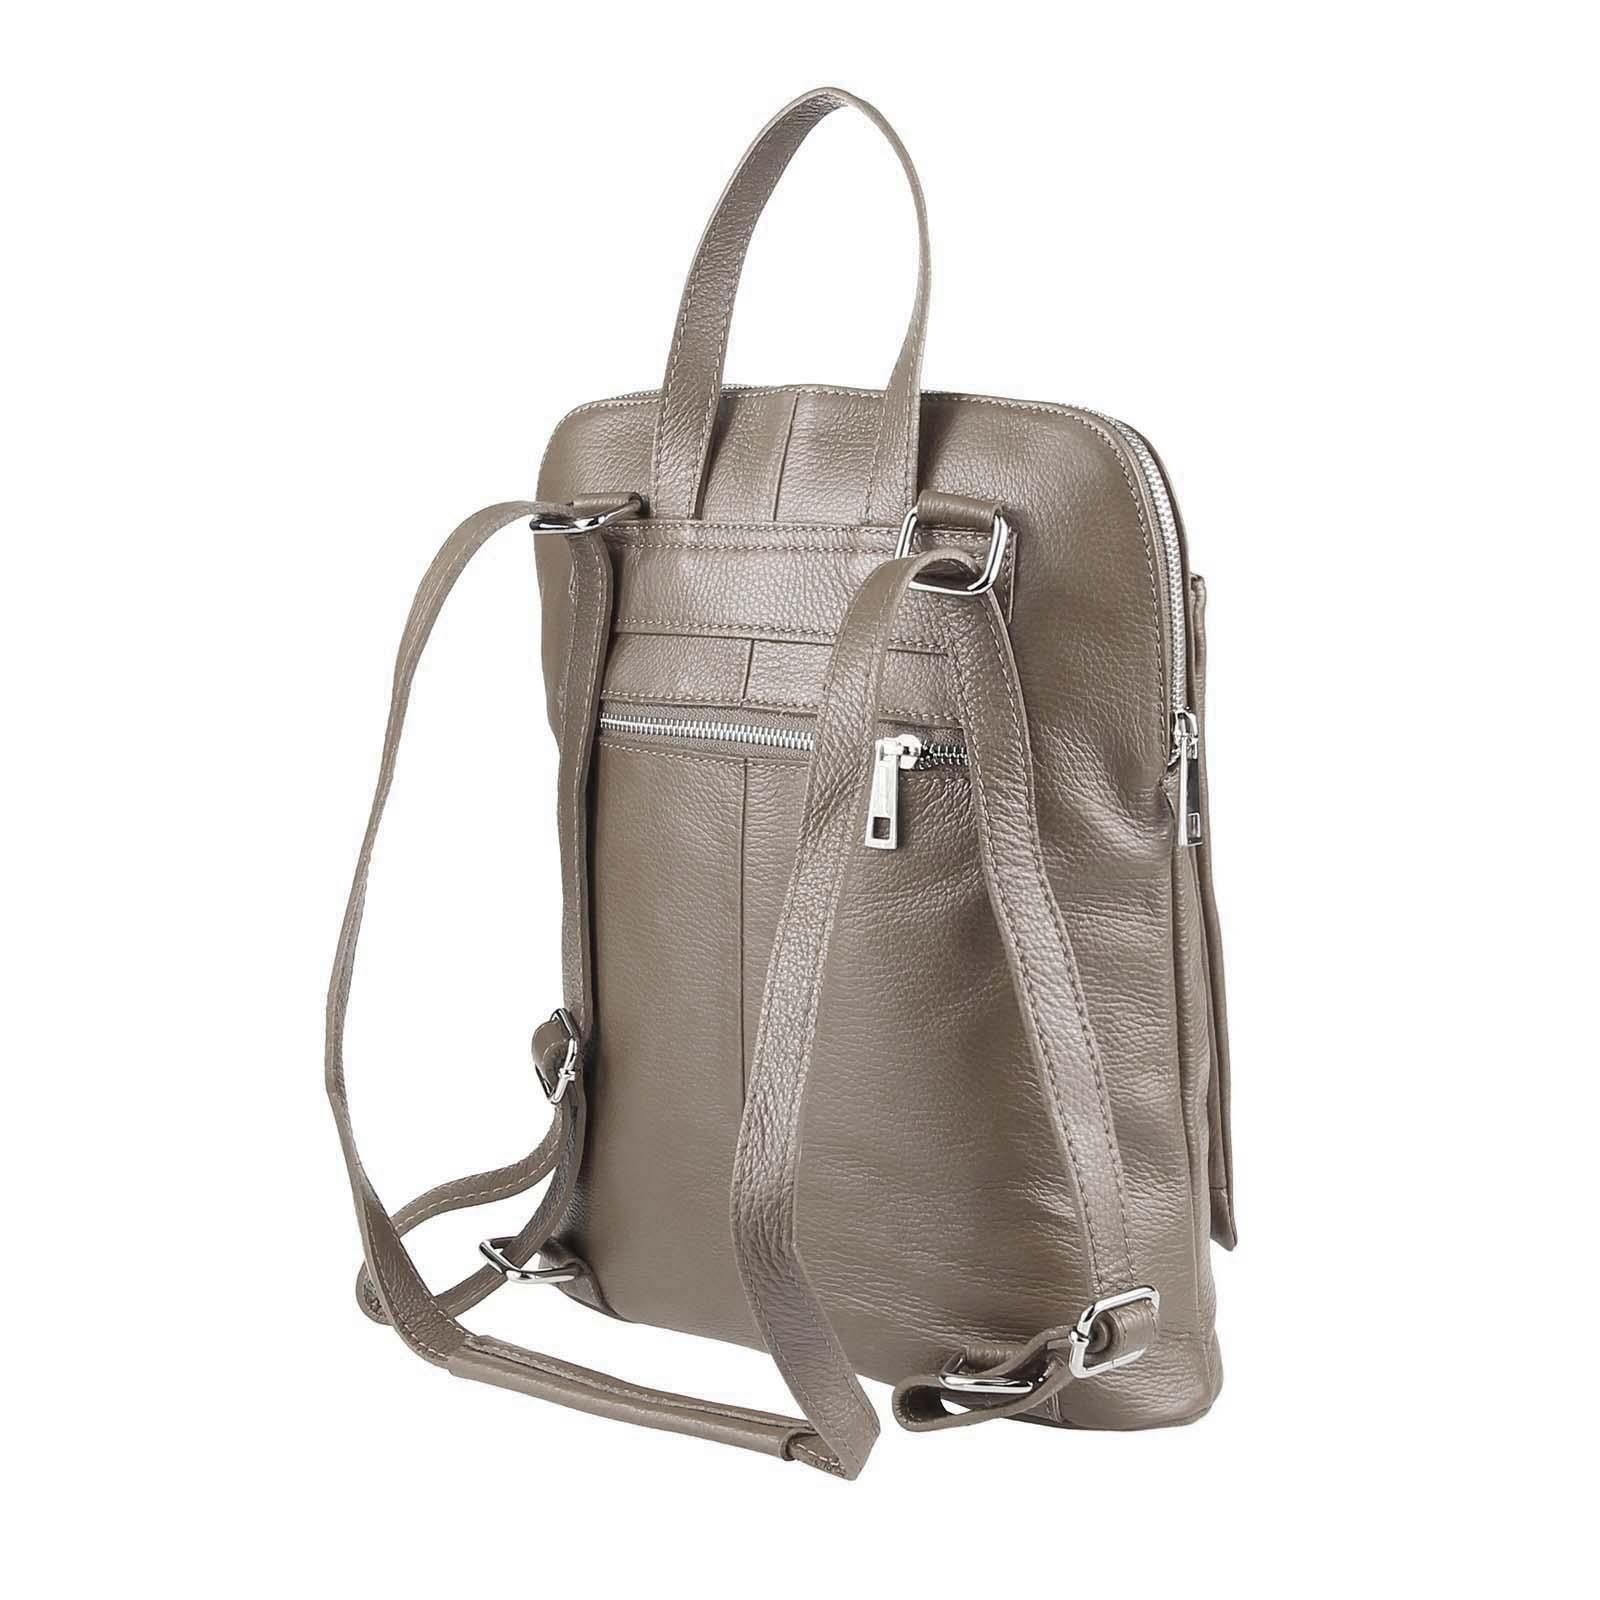 ITALy-DAMEN-LEDER-Reise-RUCKSACK-SchulterTasche-Shopper-Backpack-Ledertasche-BAG Indexbild 52